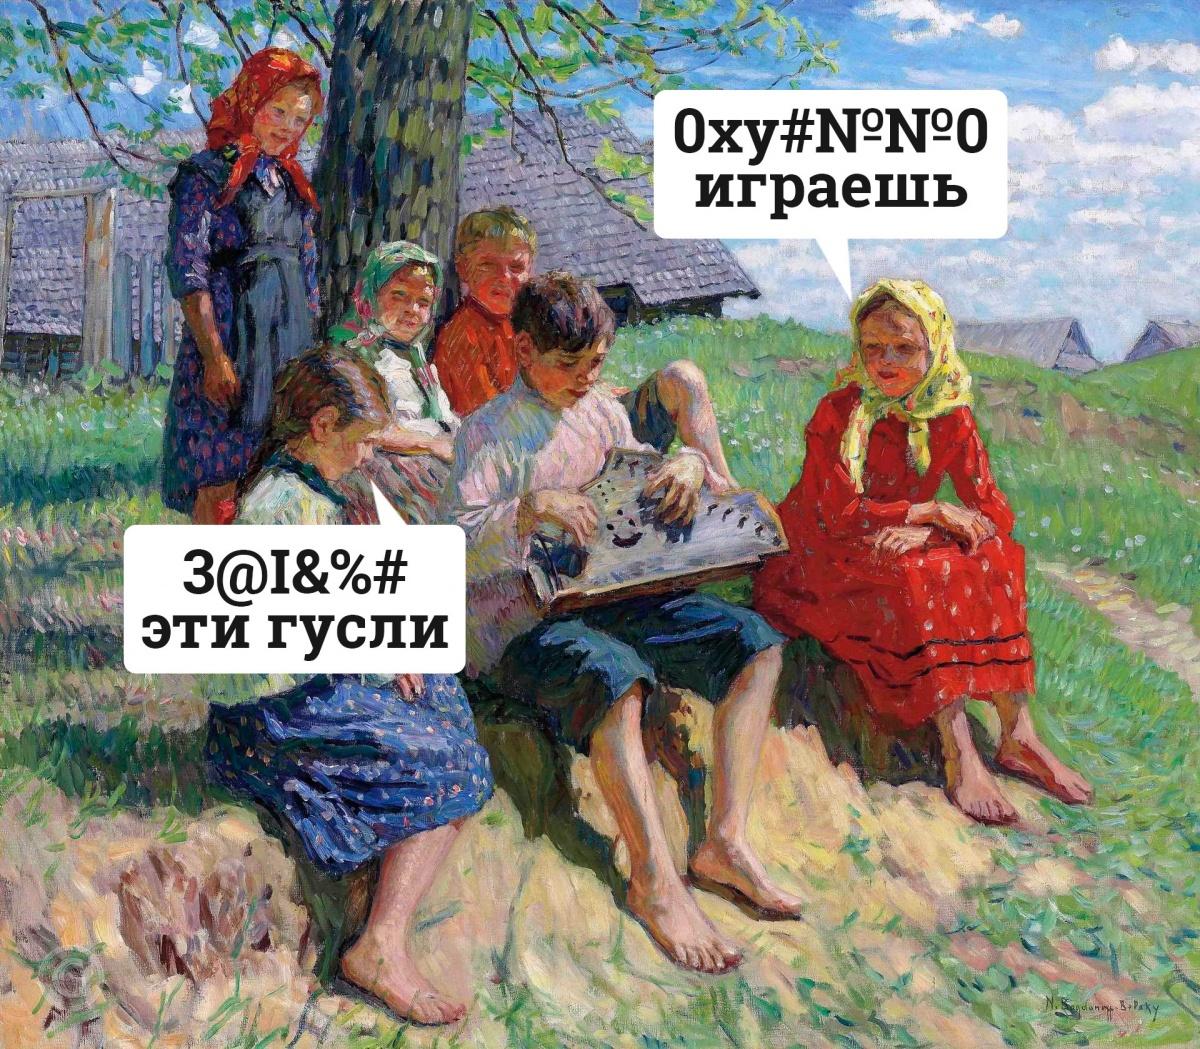 Как думали бы девочки об игре на гуслях, если бы эта сцена с картины Богданова-Бельского случилась в 2019 году